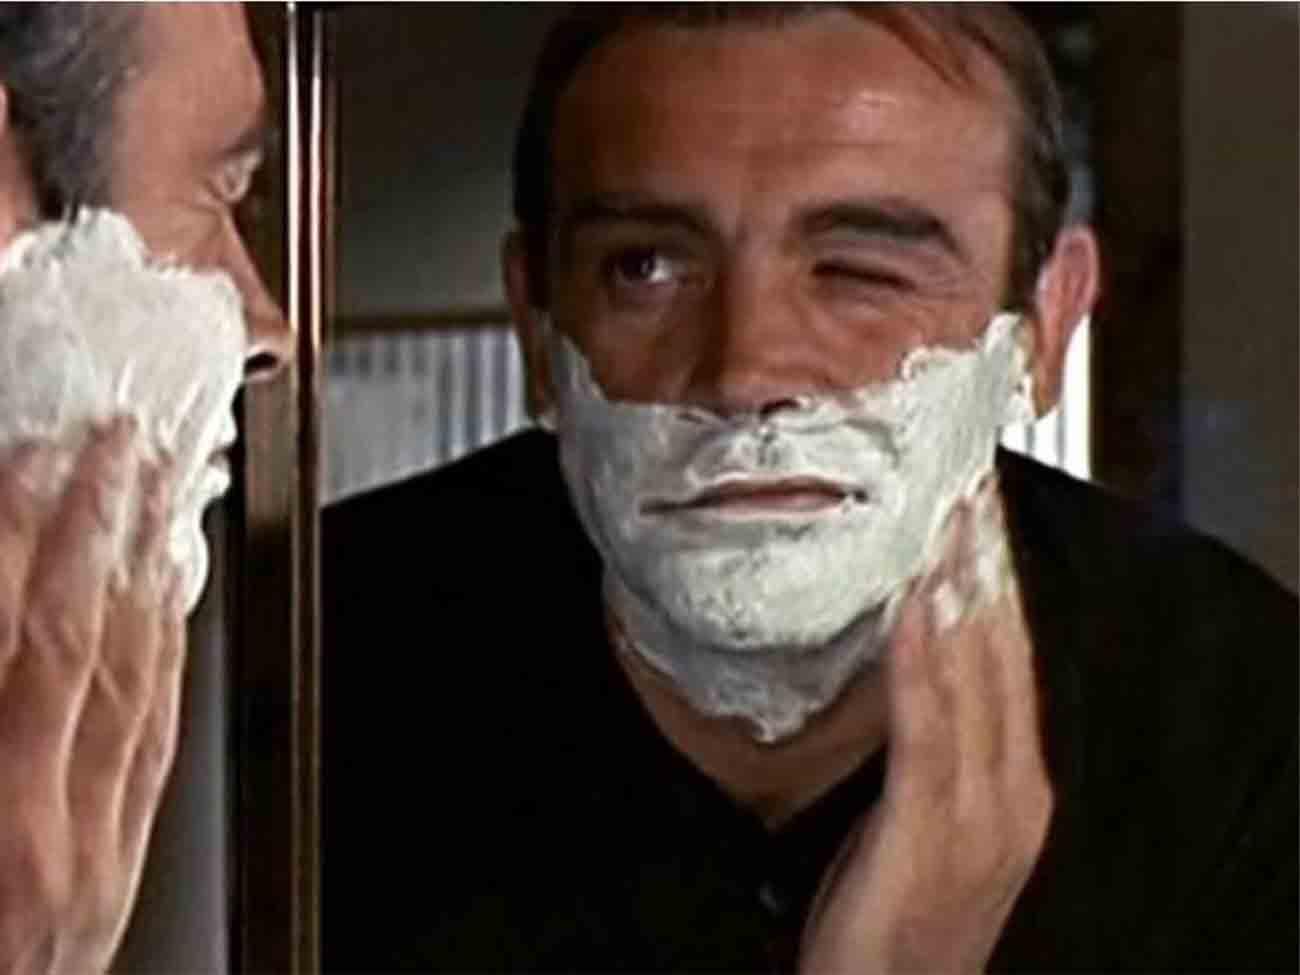 Δες πως το ξύρισμα μπορεί να μετατραπεί σε απόλαυση